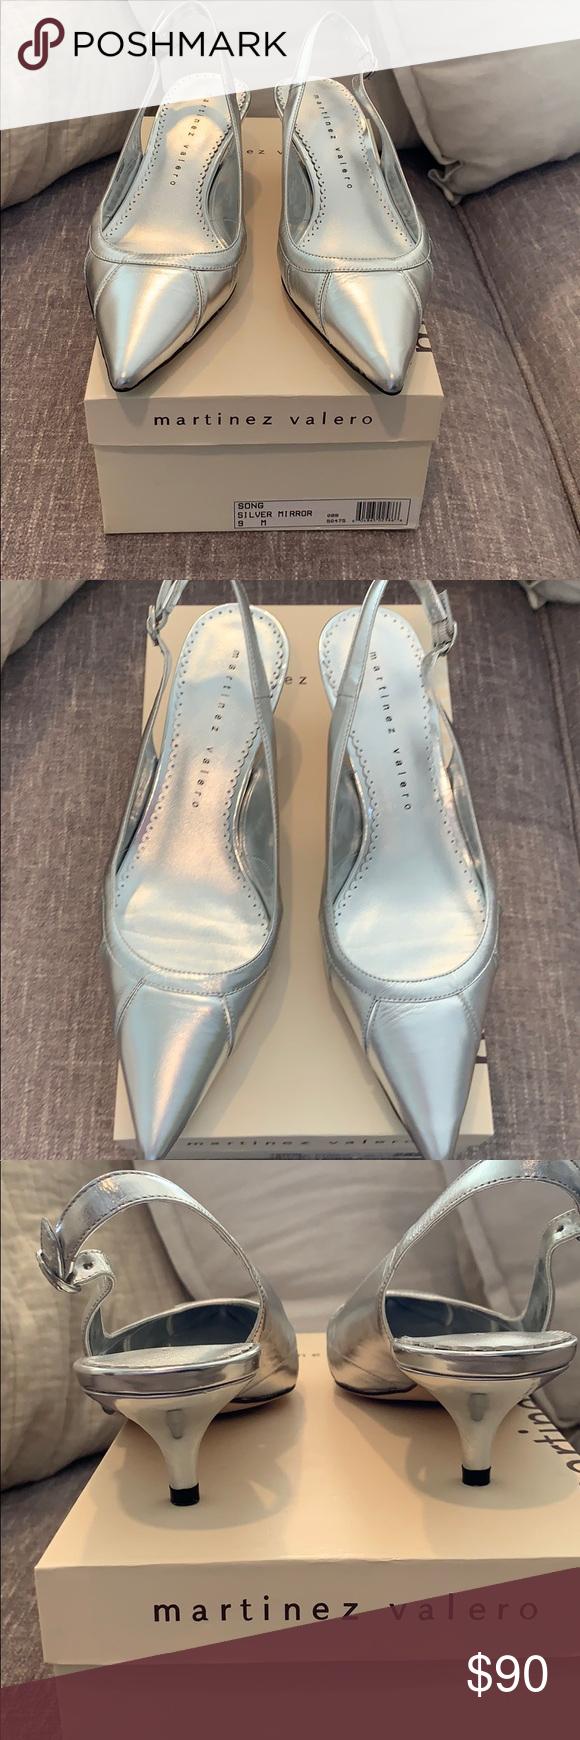 Silver Leather Sling Back Pump Kitten Heel Kitten Heel Pumps Shoes Women Heels Kitten Heels